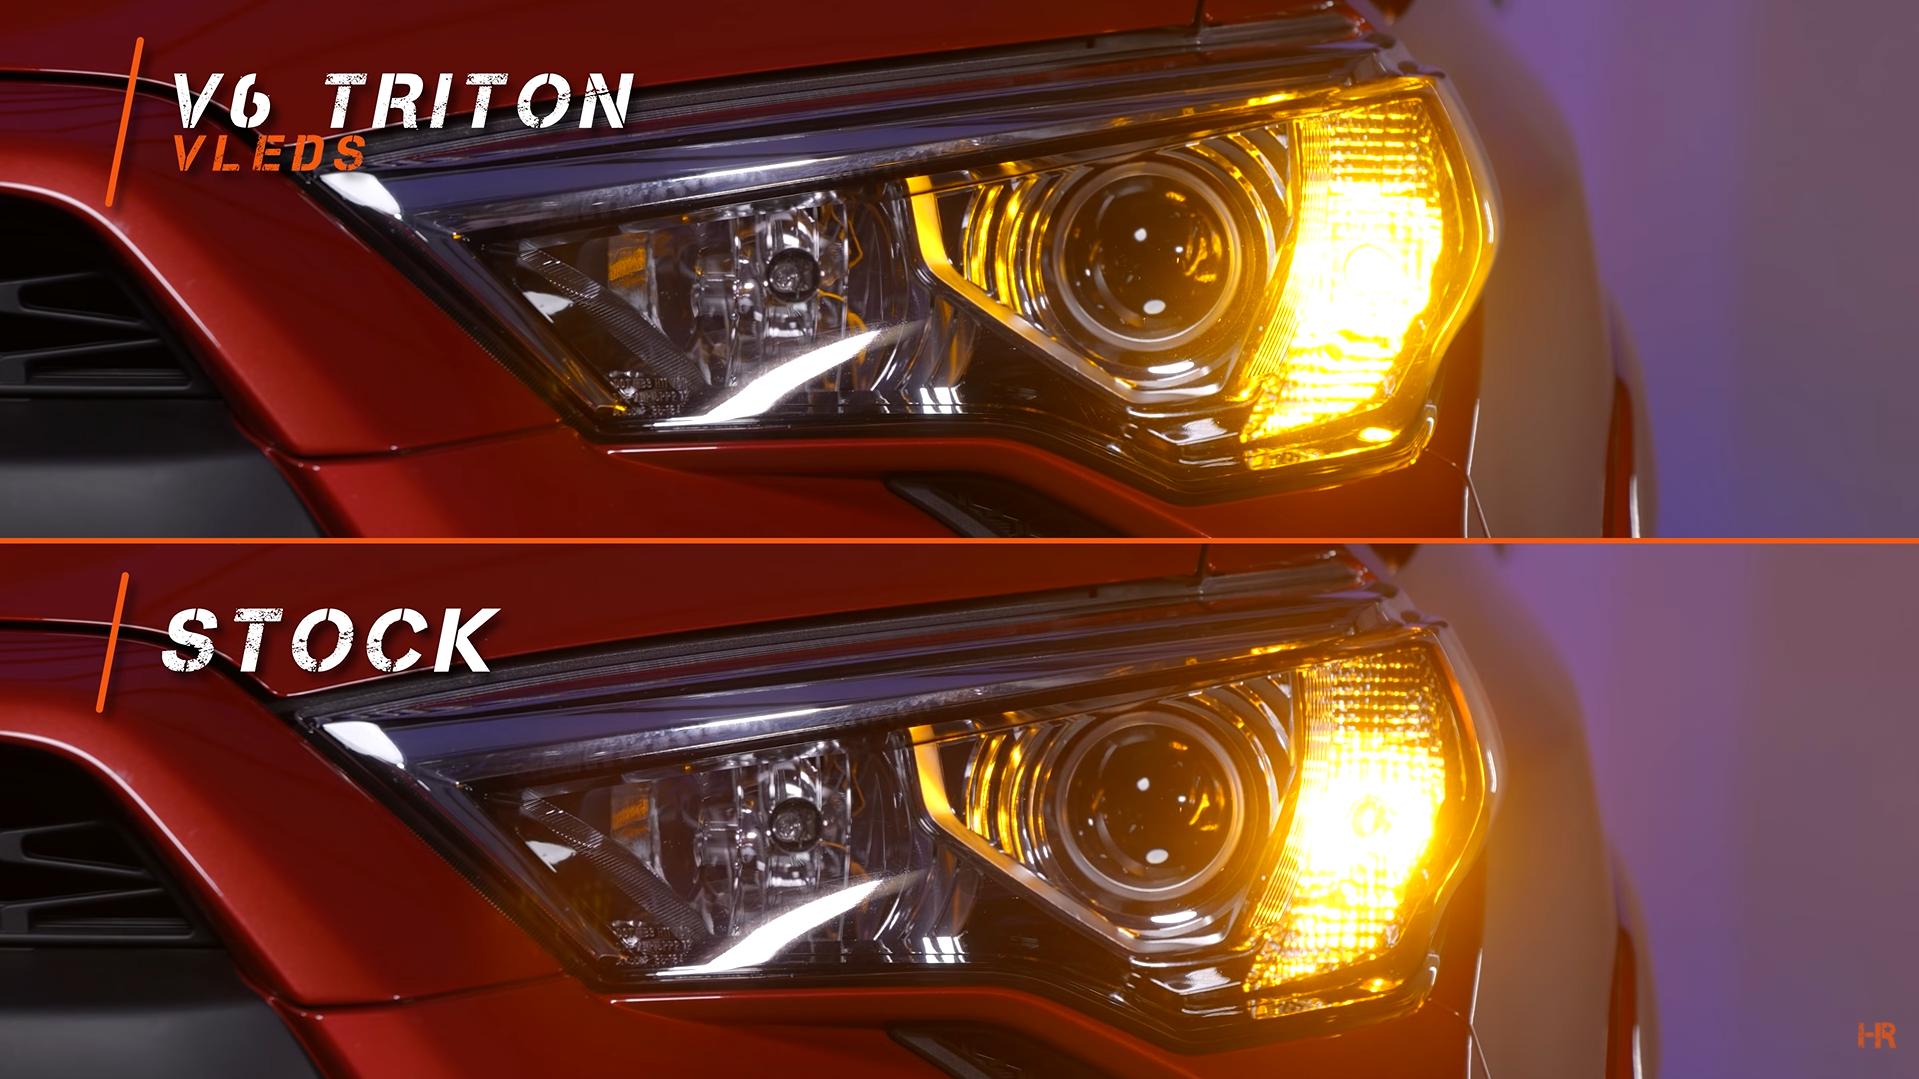 VLEDa V6 Triton comparison Stock Signal